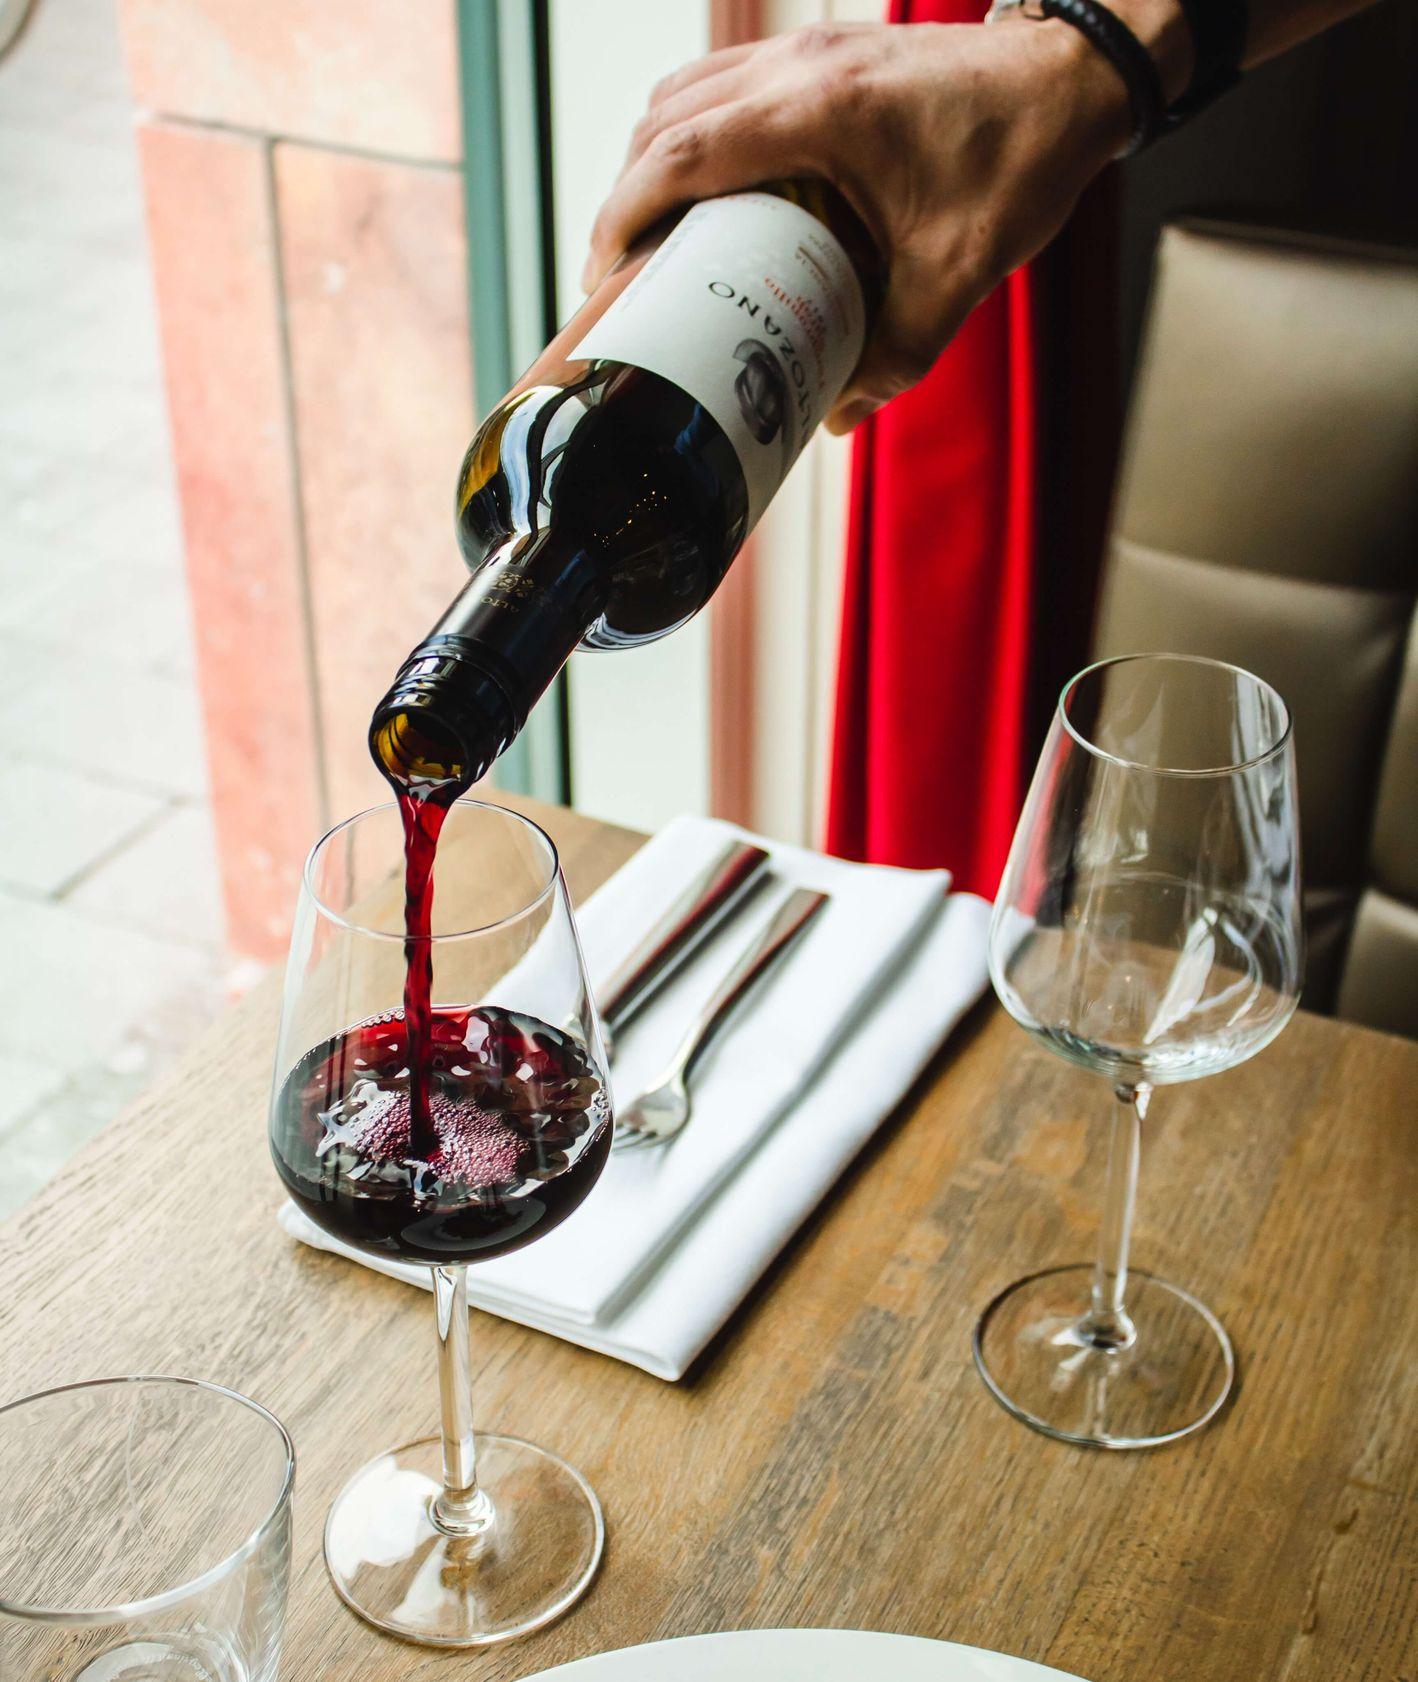 Mężczyzna nalewający czerwone wino do kieliszka (fot. Louis Hansel / unsplash.com)